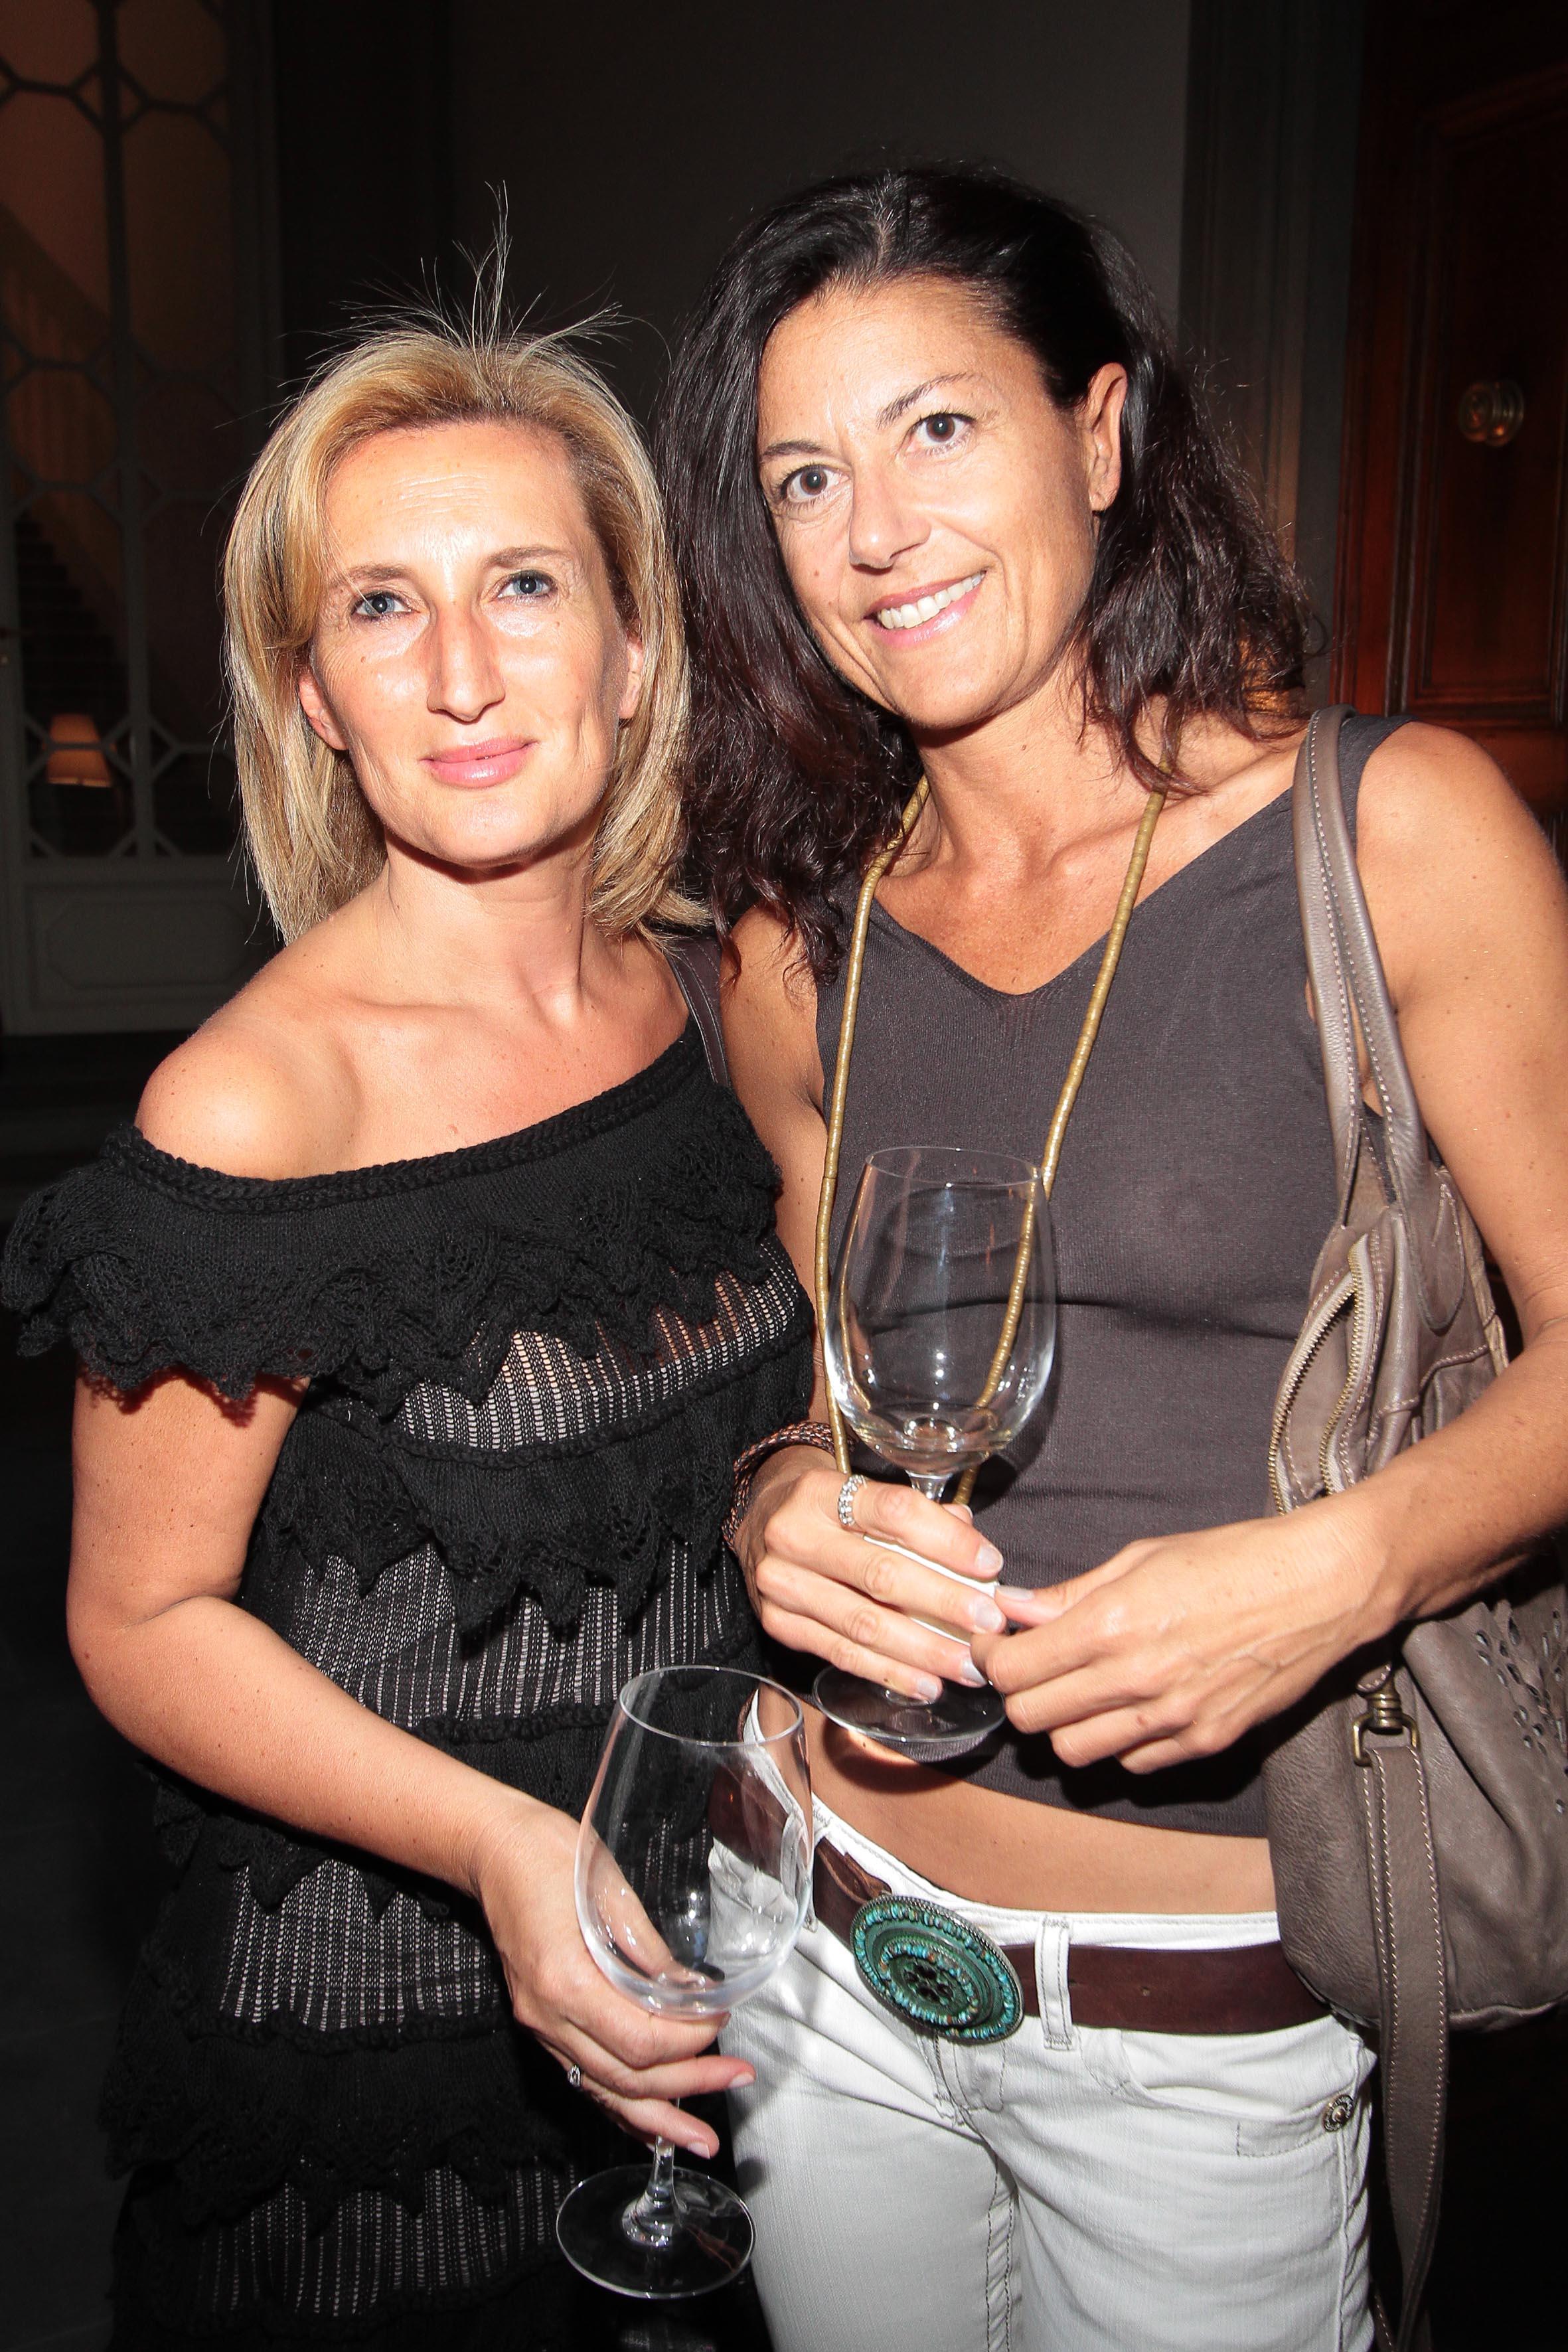 PRESSPHOTO Firenze, Obikà aperitivo. Nella foto Annarita Santoro e Germama Torelli  giuseppe cabras/new press photo